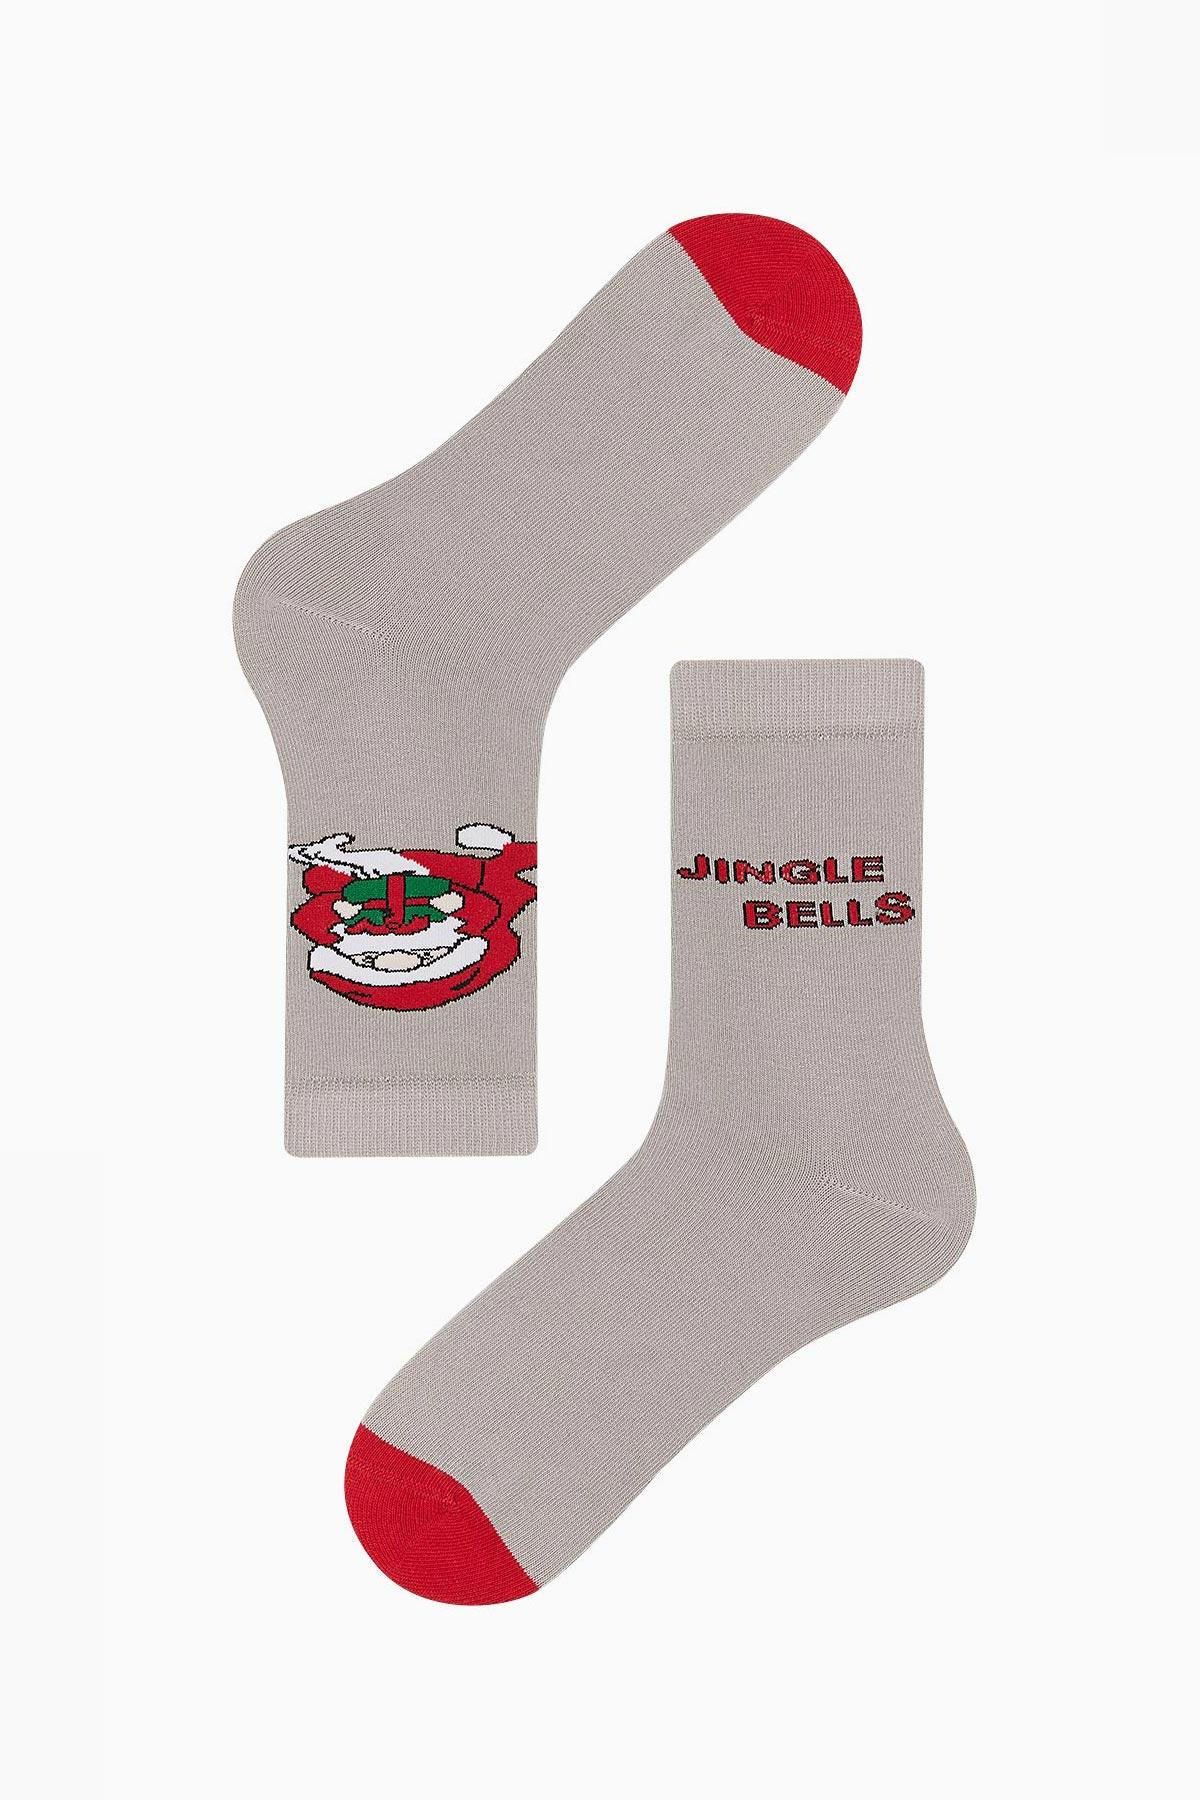 Bross - Bross Jingle Bells Schriftzug Weihnachtssocken